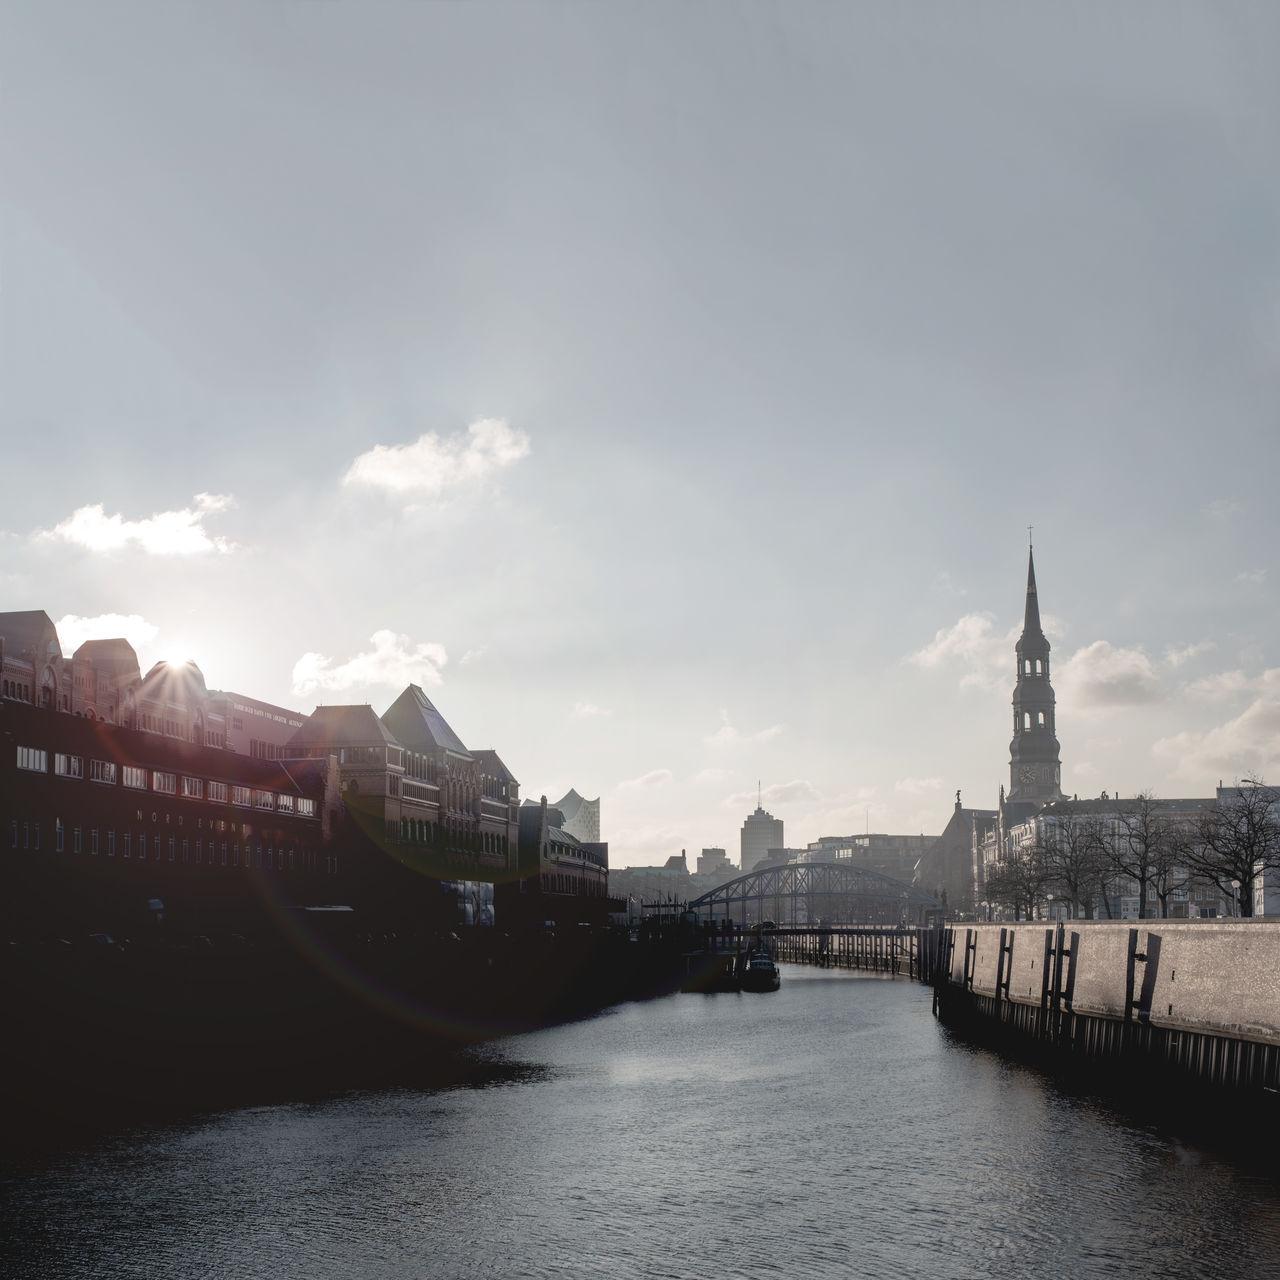 Channel Cityscape Clouds First Eyeem Photo Fleet Hamburg Landmark River Scenics Speicherstadt Sunlight Urban Warehouse District Water